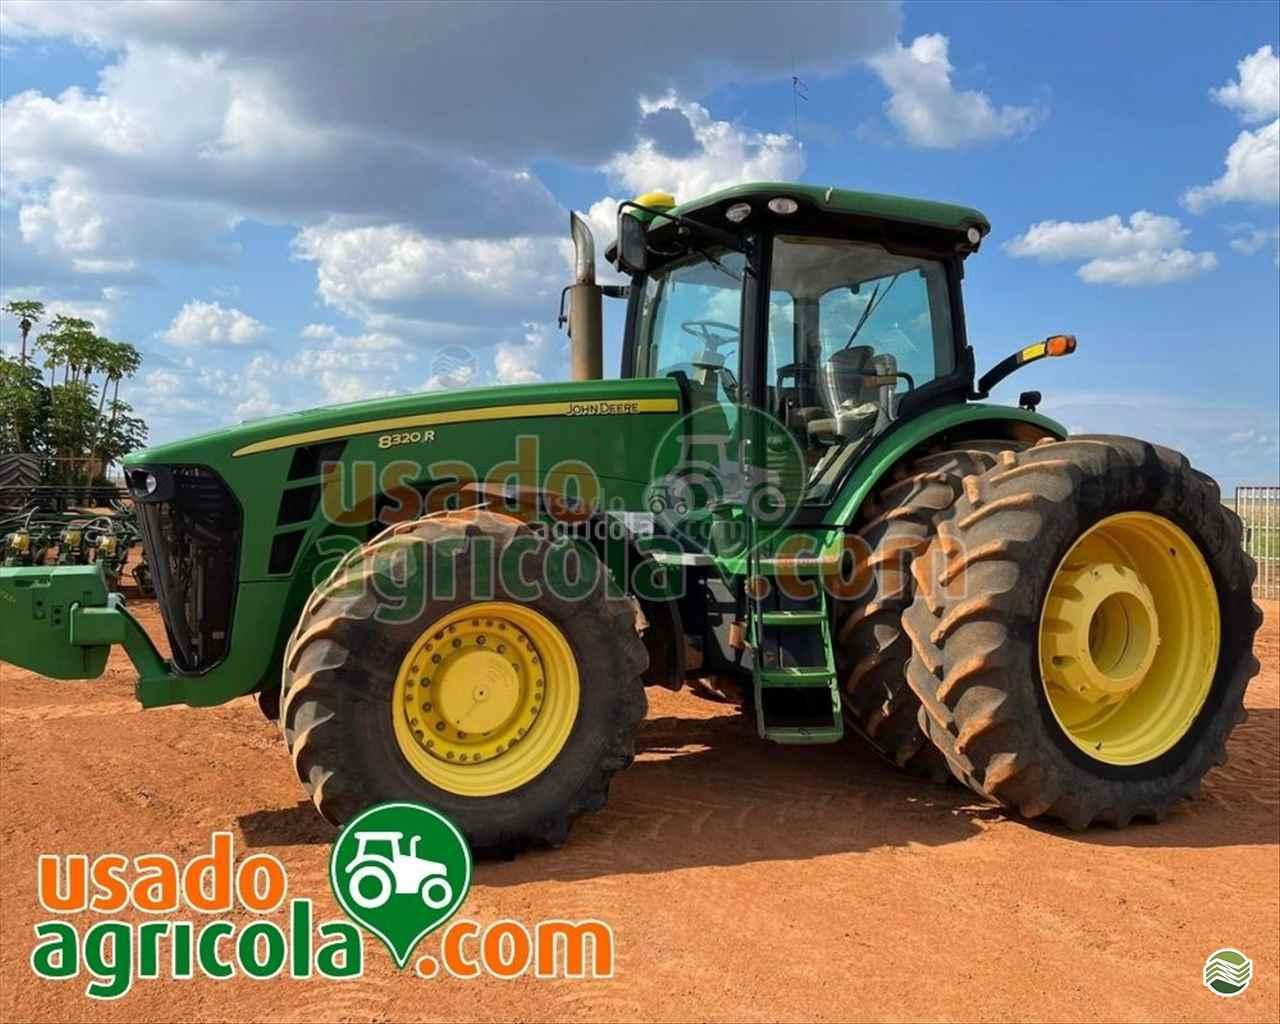 TRATOR JOHN DEERE JOHN DEERE 8320 Tração 4x4 Usado Agrícola LUCAS DO RIO VERDE MATO GROSSO MT